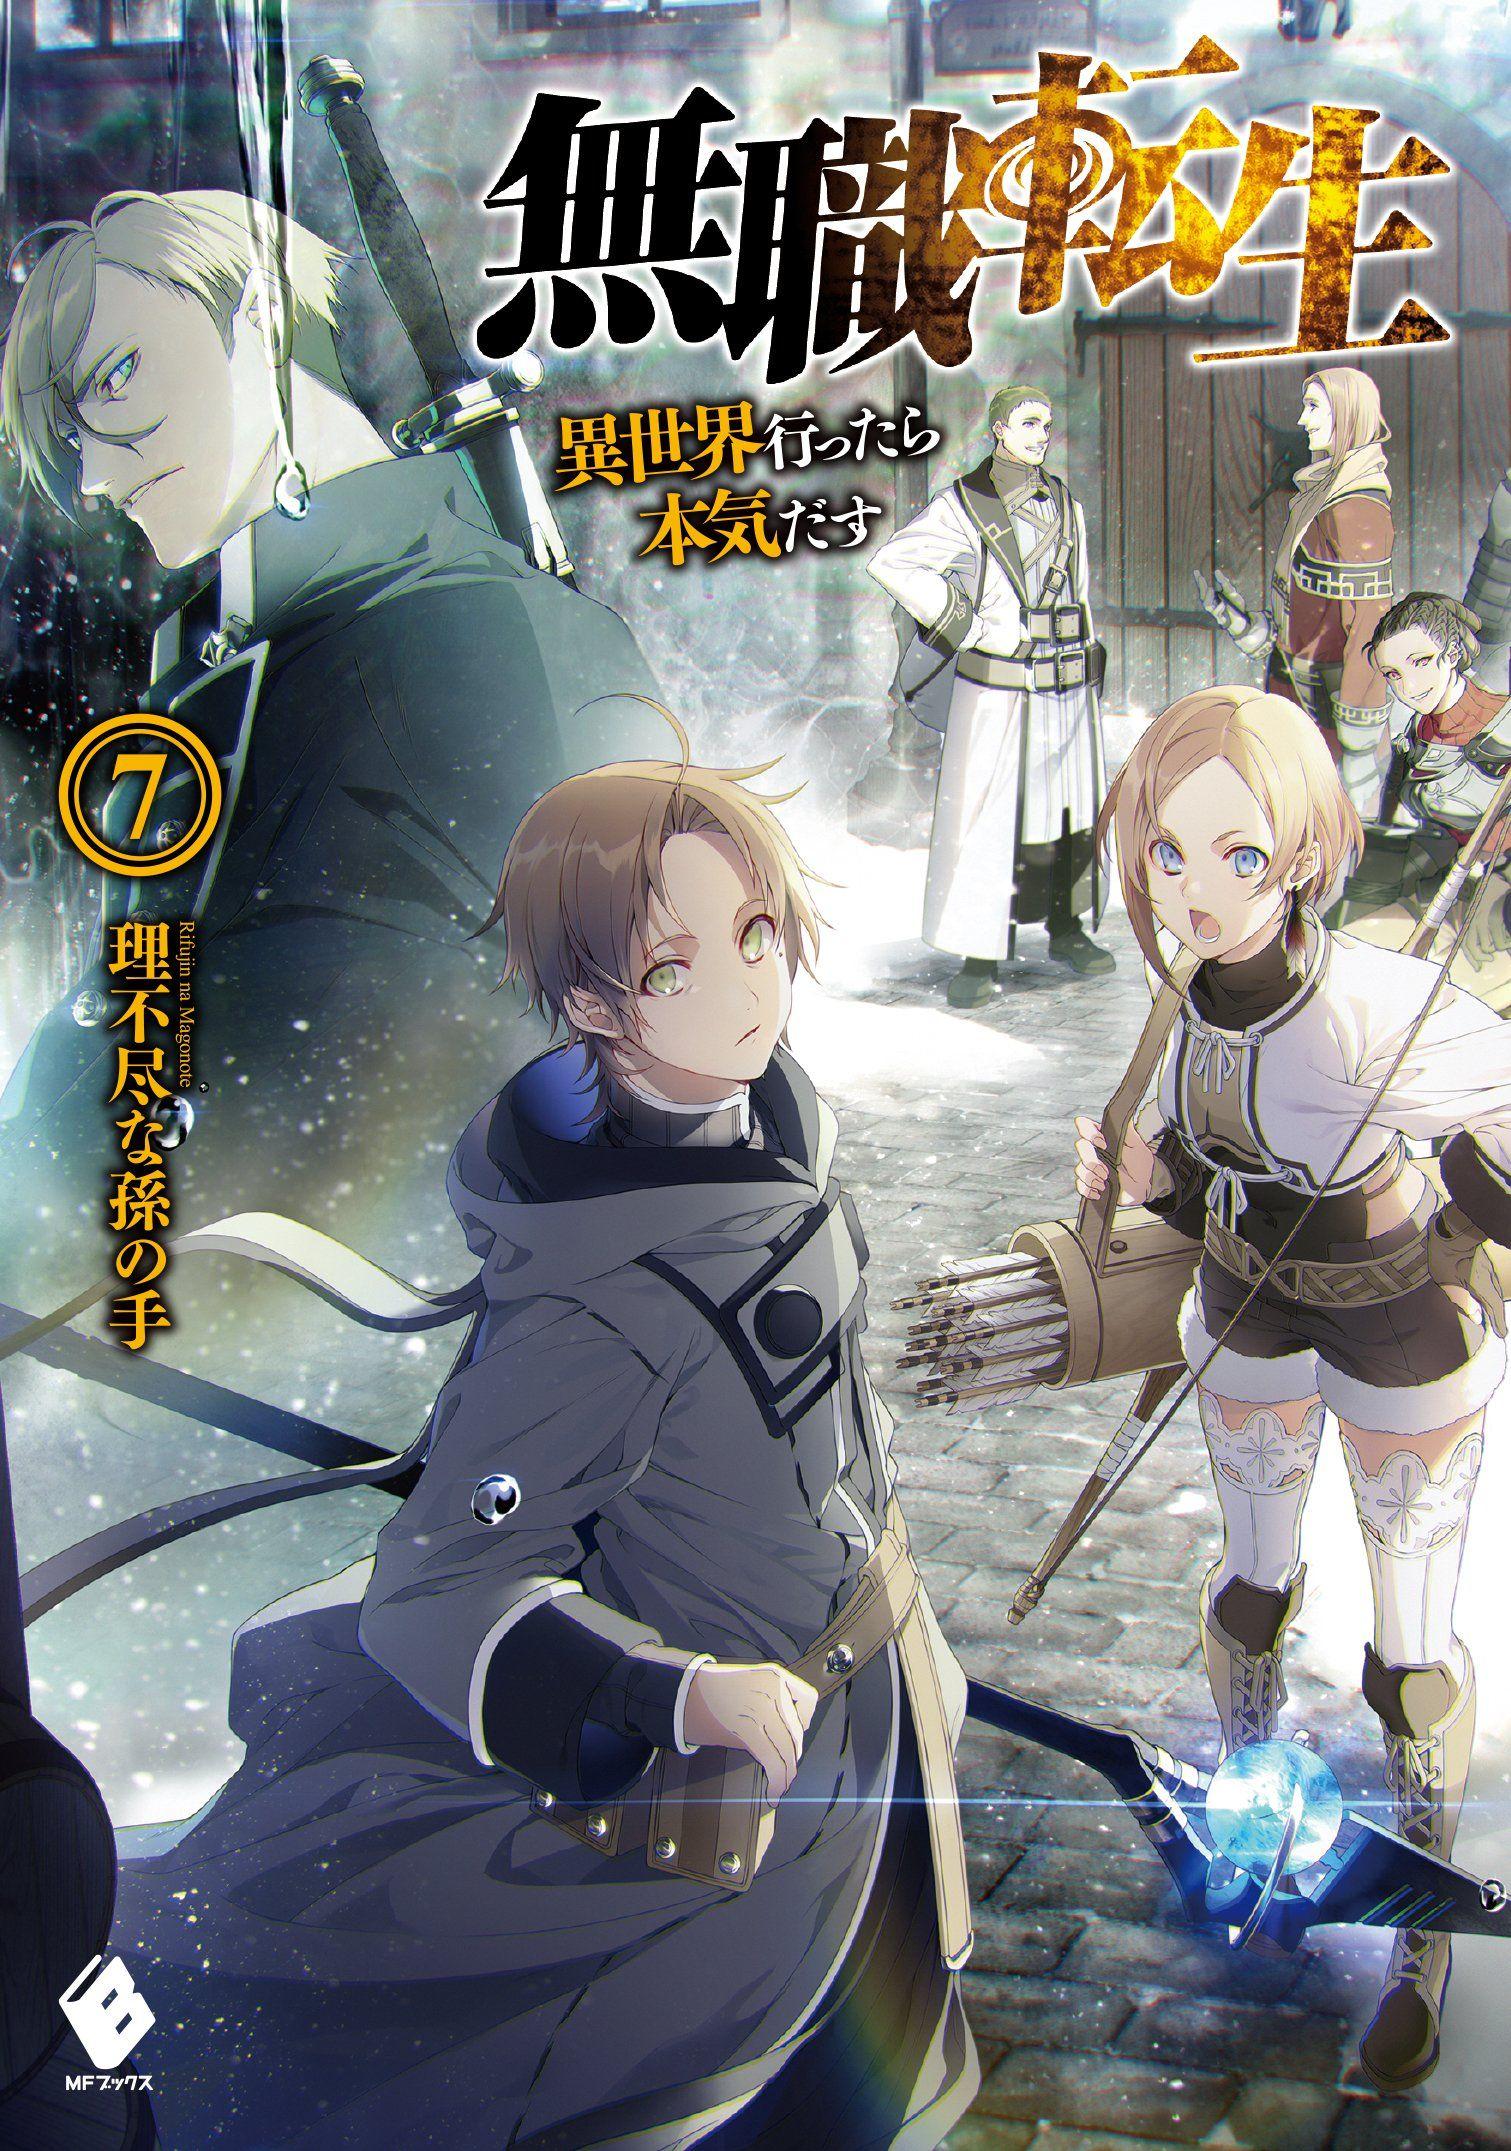 Mushoku Tensei Hq Light Novel Poster アニメ Light Novel Manga